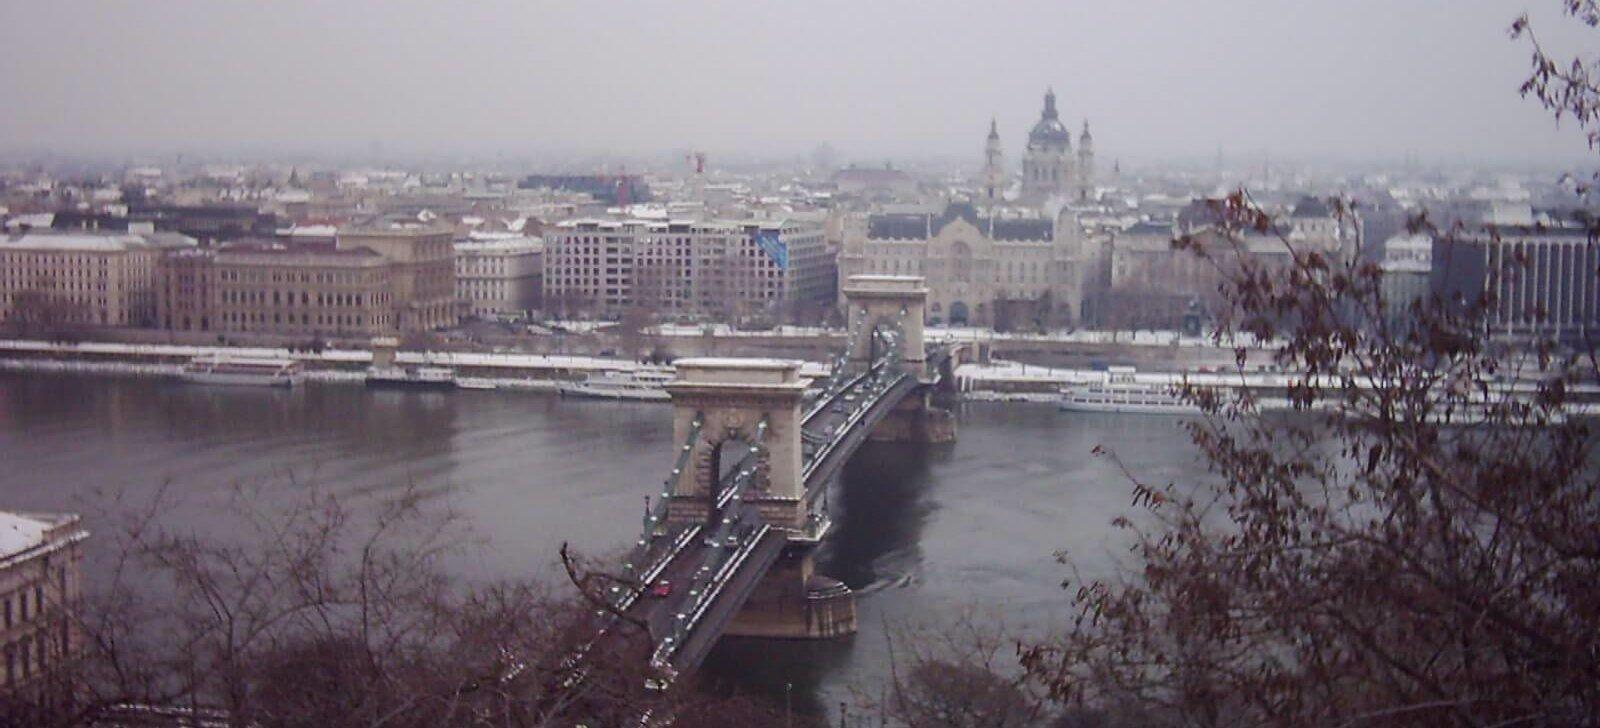 Budimpešta, Madjarska